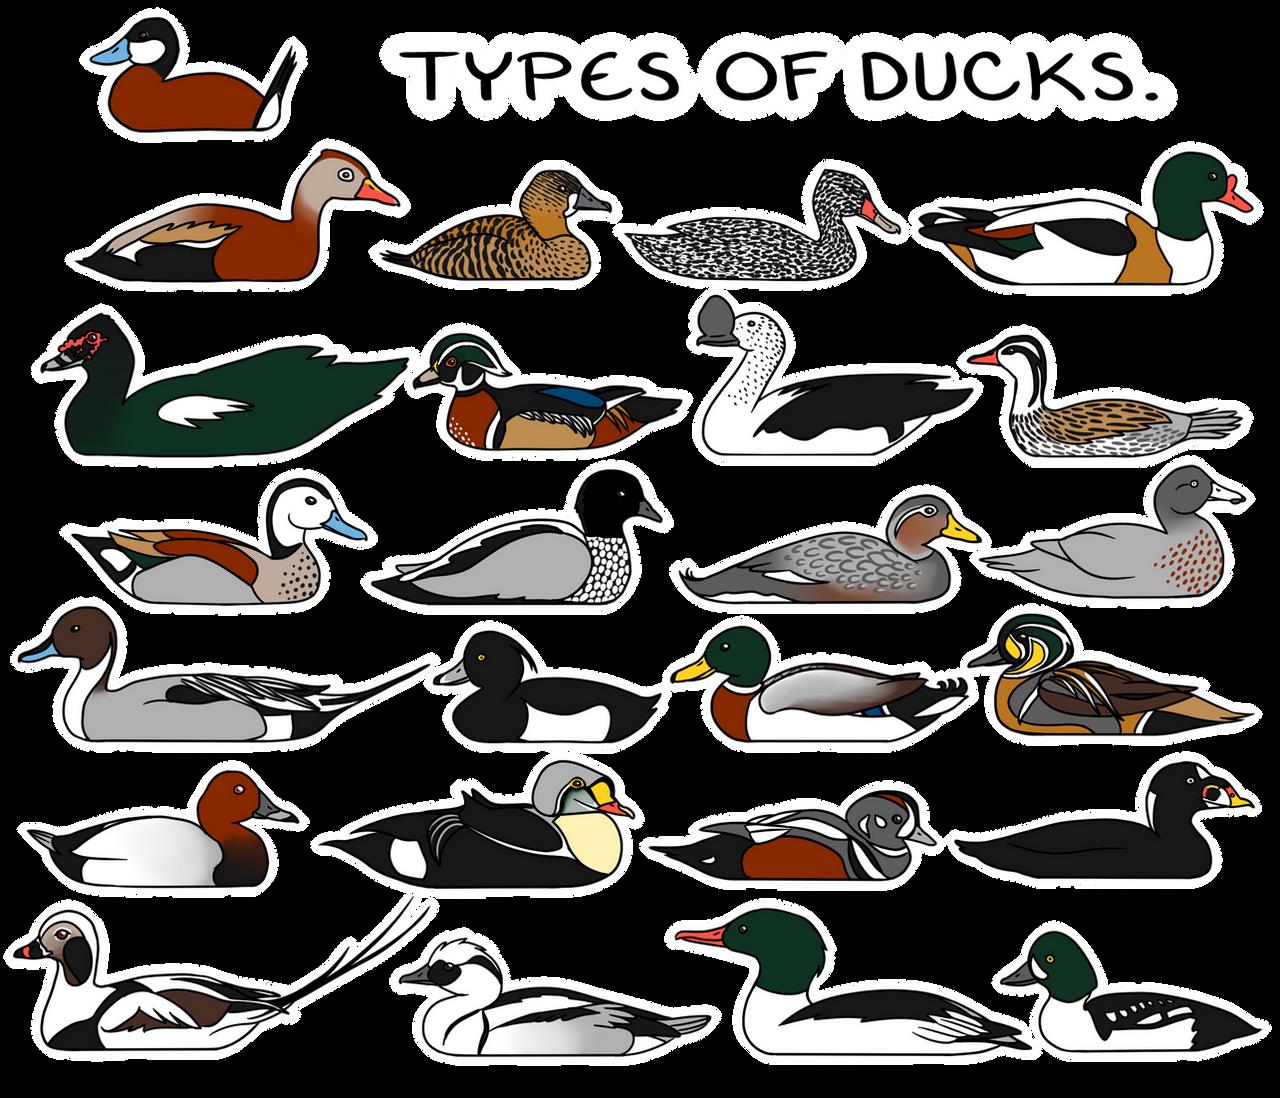 Types of Ducks. by twapa